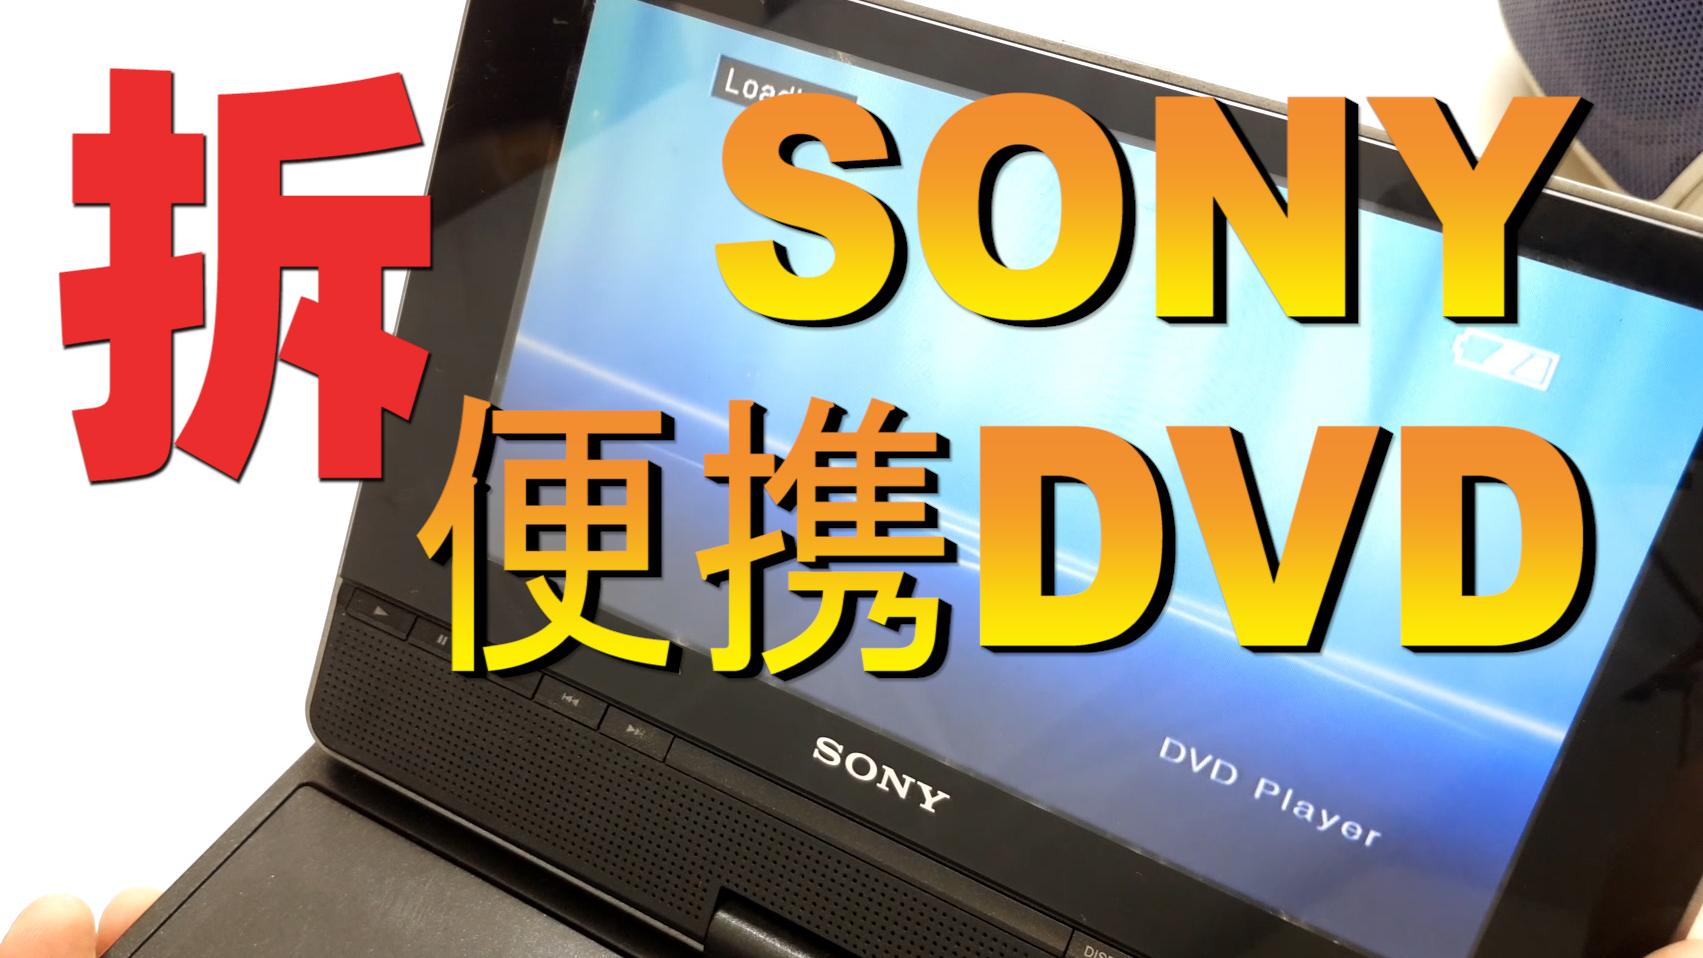 拆解十年前的SONY便携式DVD,当年只有村长家孩子才有的玩具